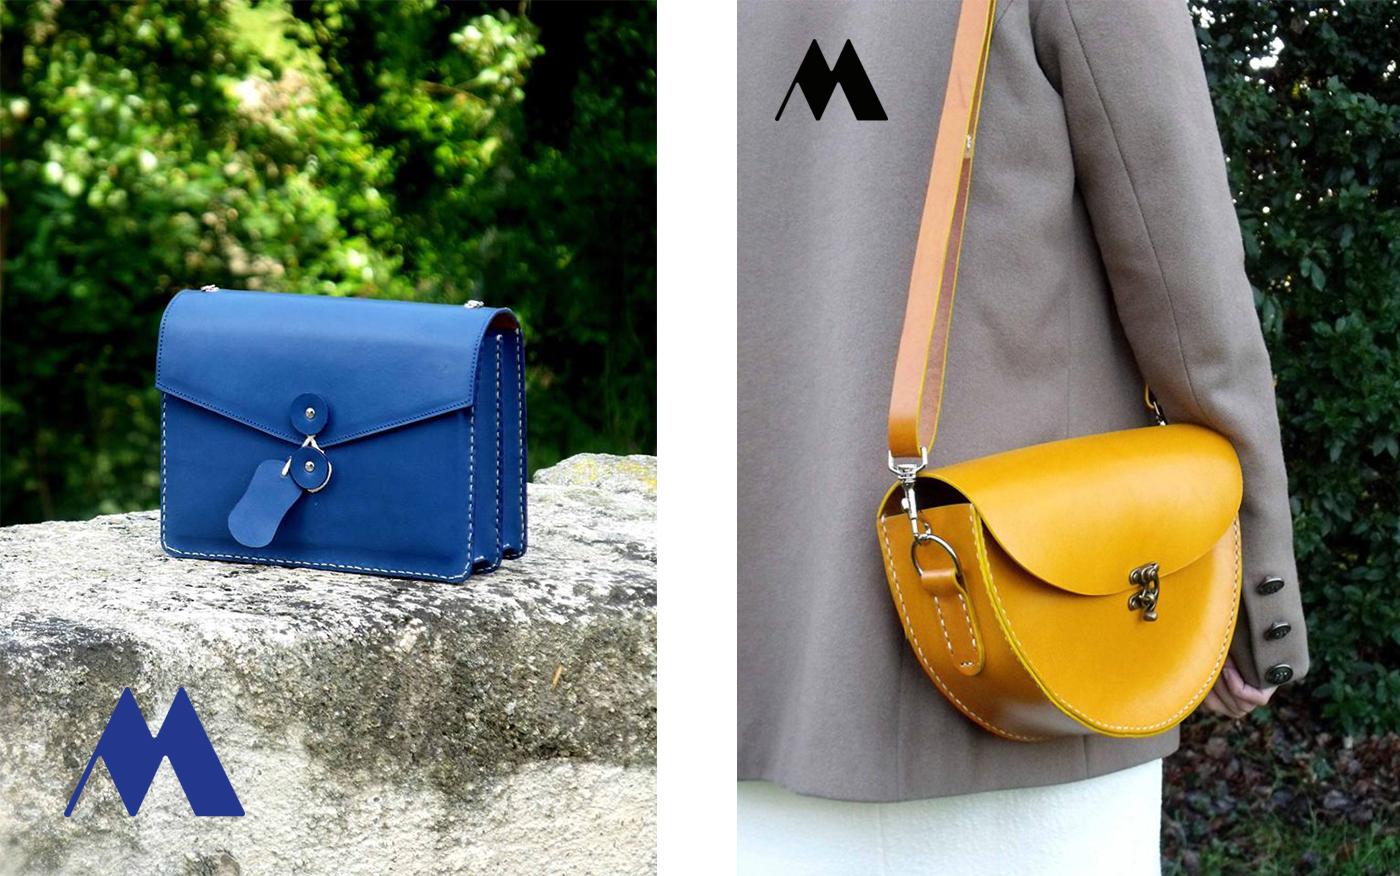 Sac à main en cuir bleu et jaune conception artisanale par Le Ménétrier